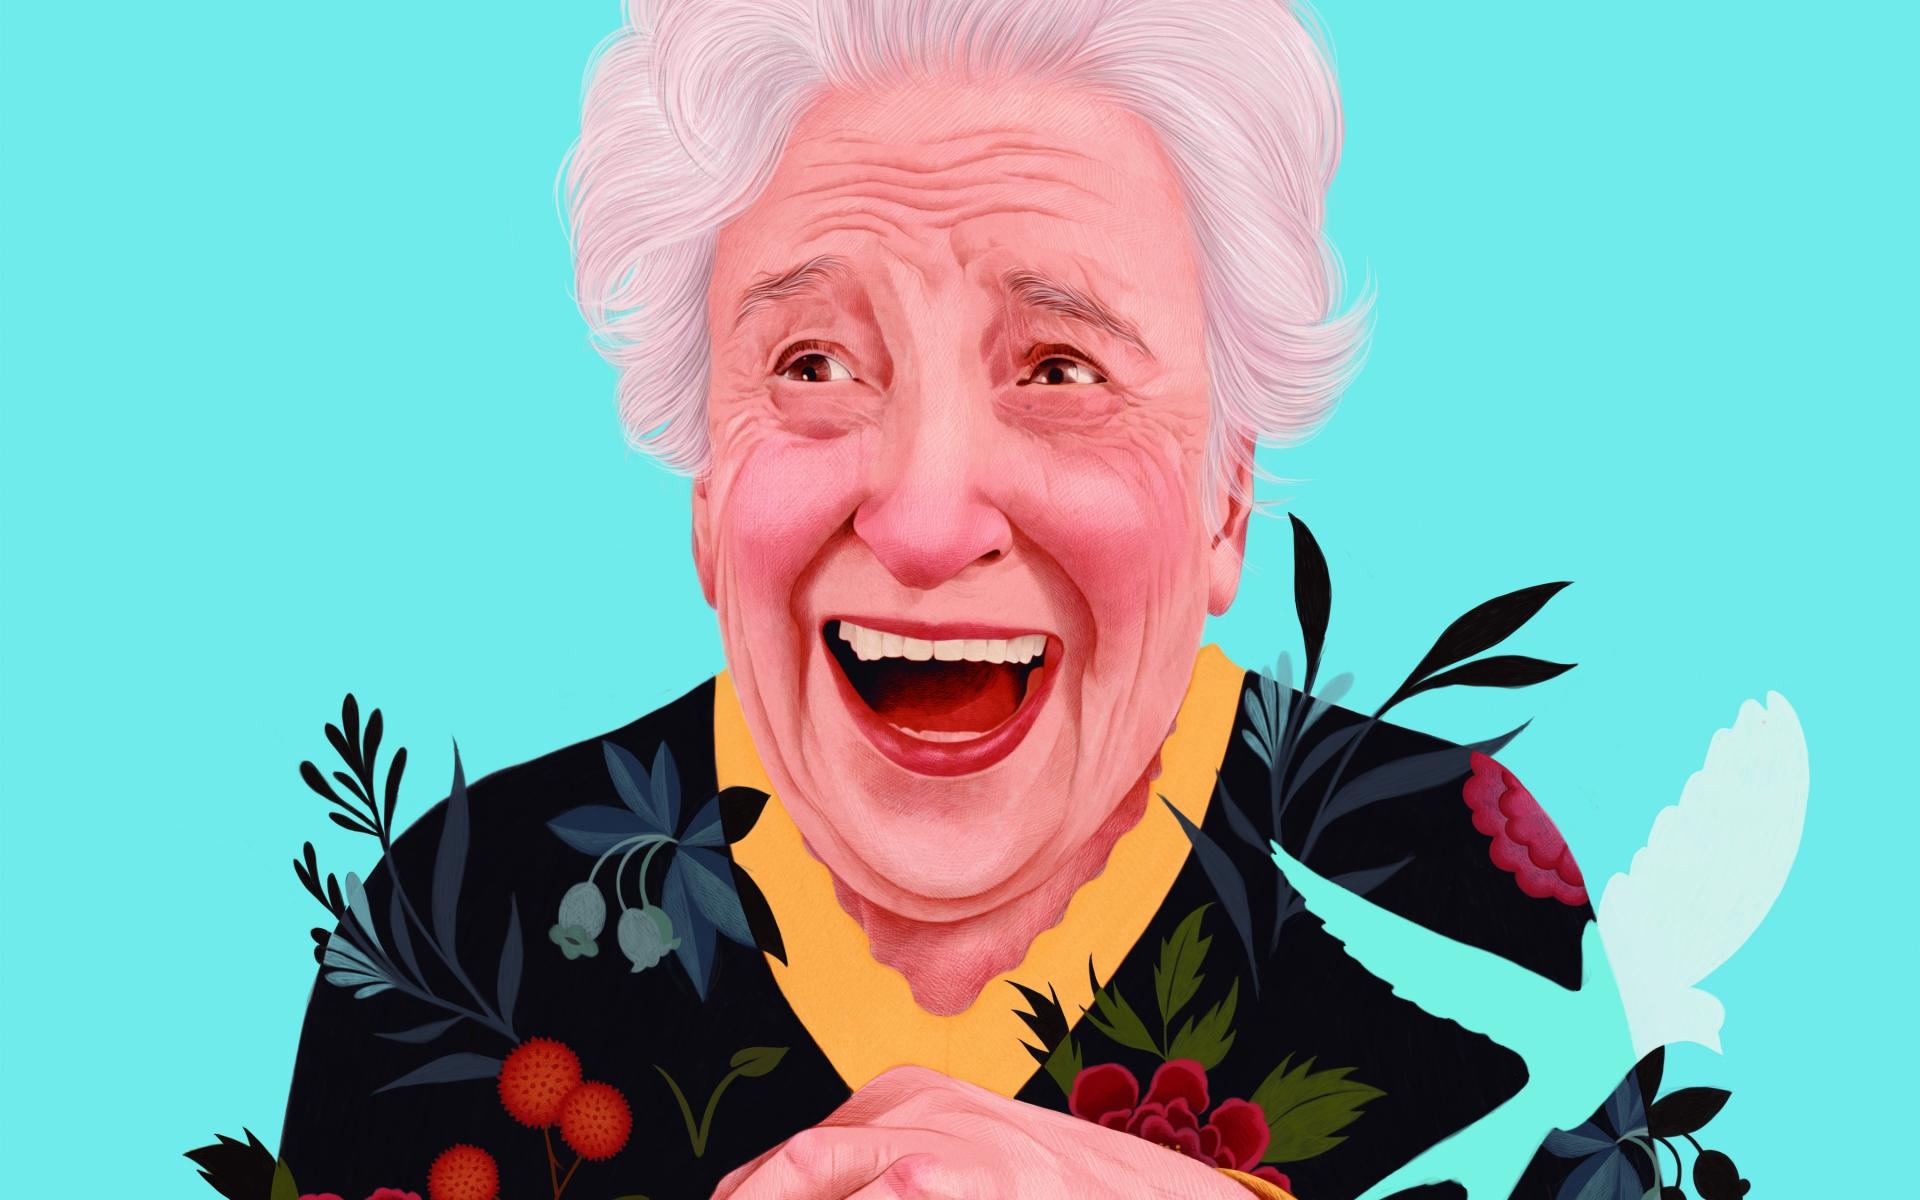 Ilustradora espanhola faz sucesso com estes retratos florais permeados de doçura